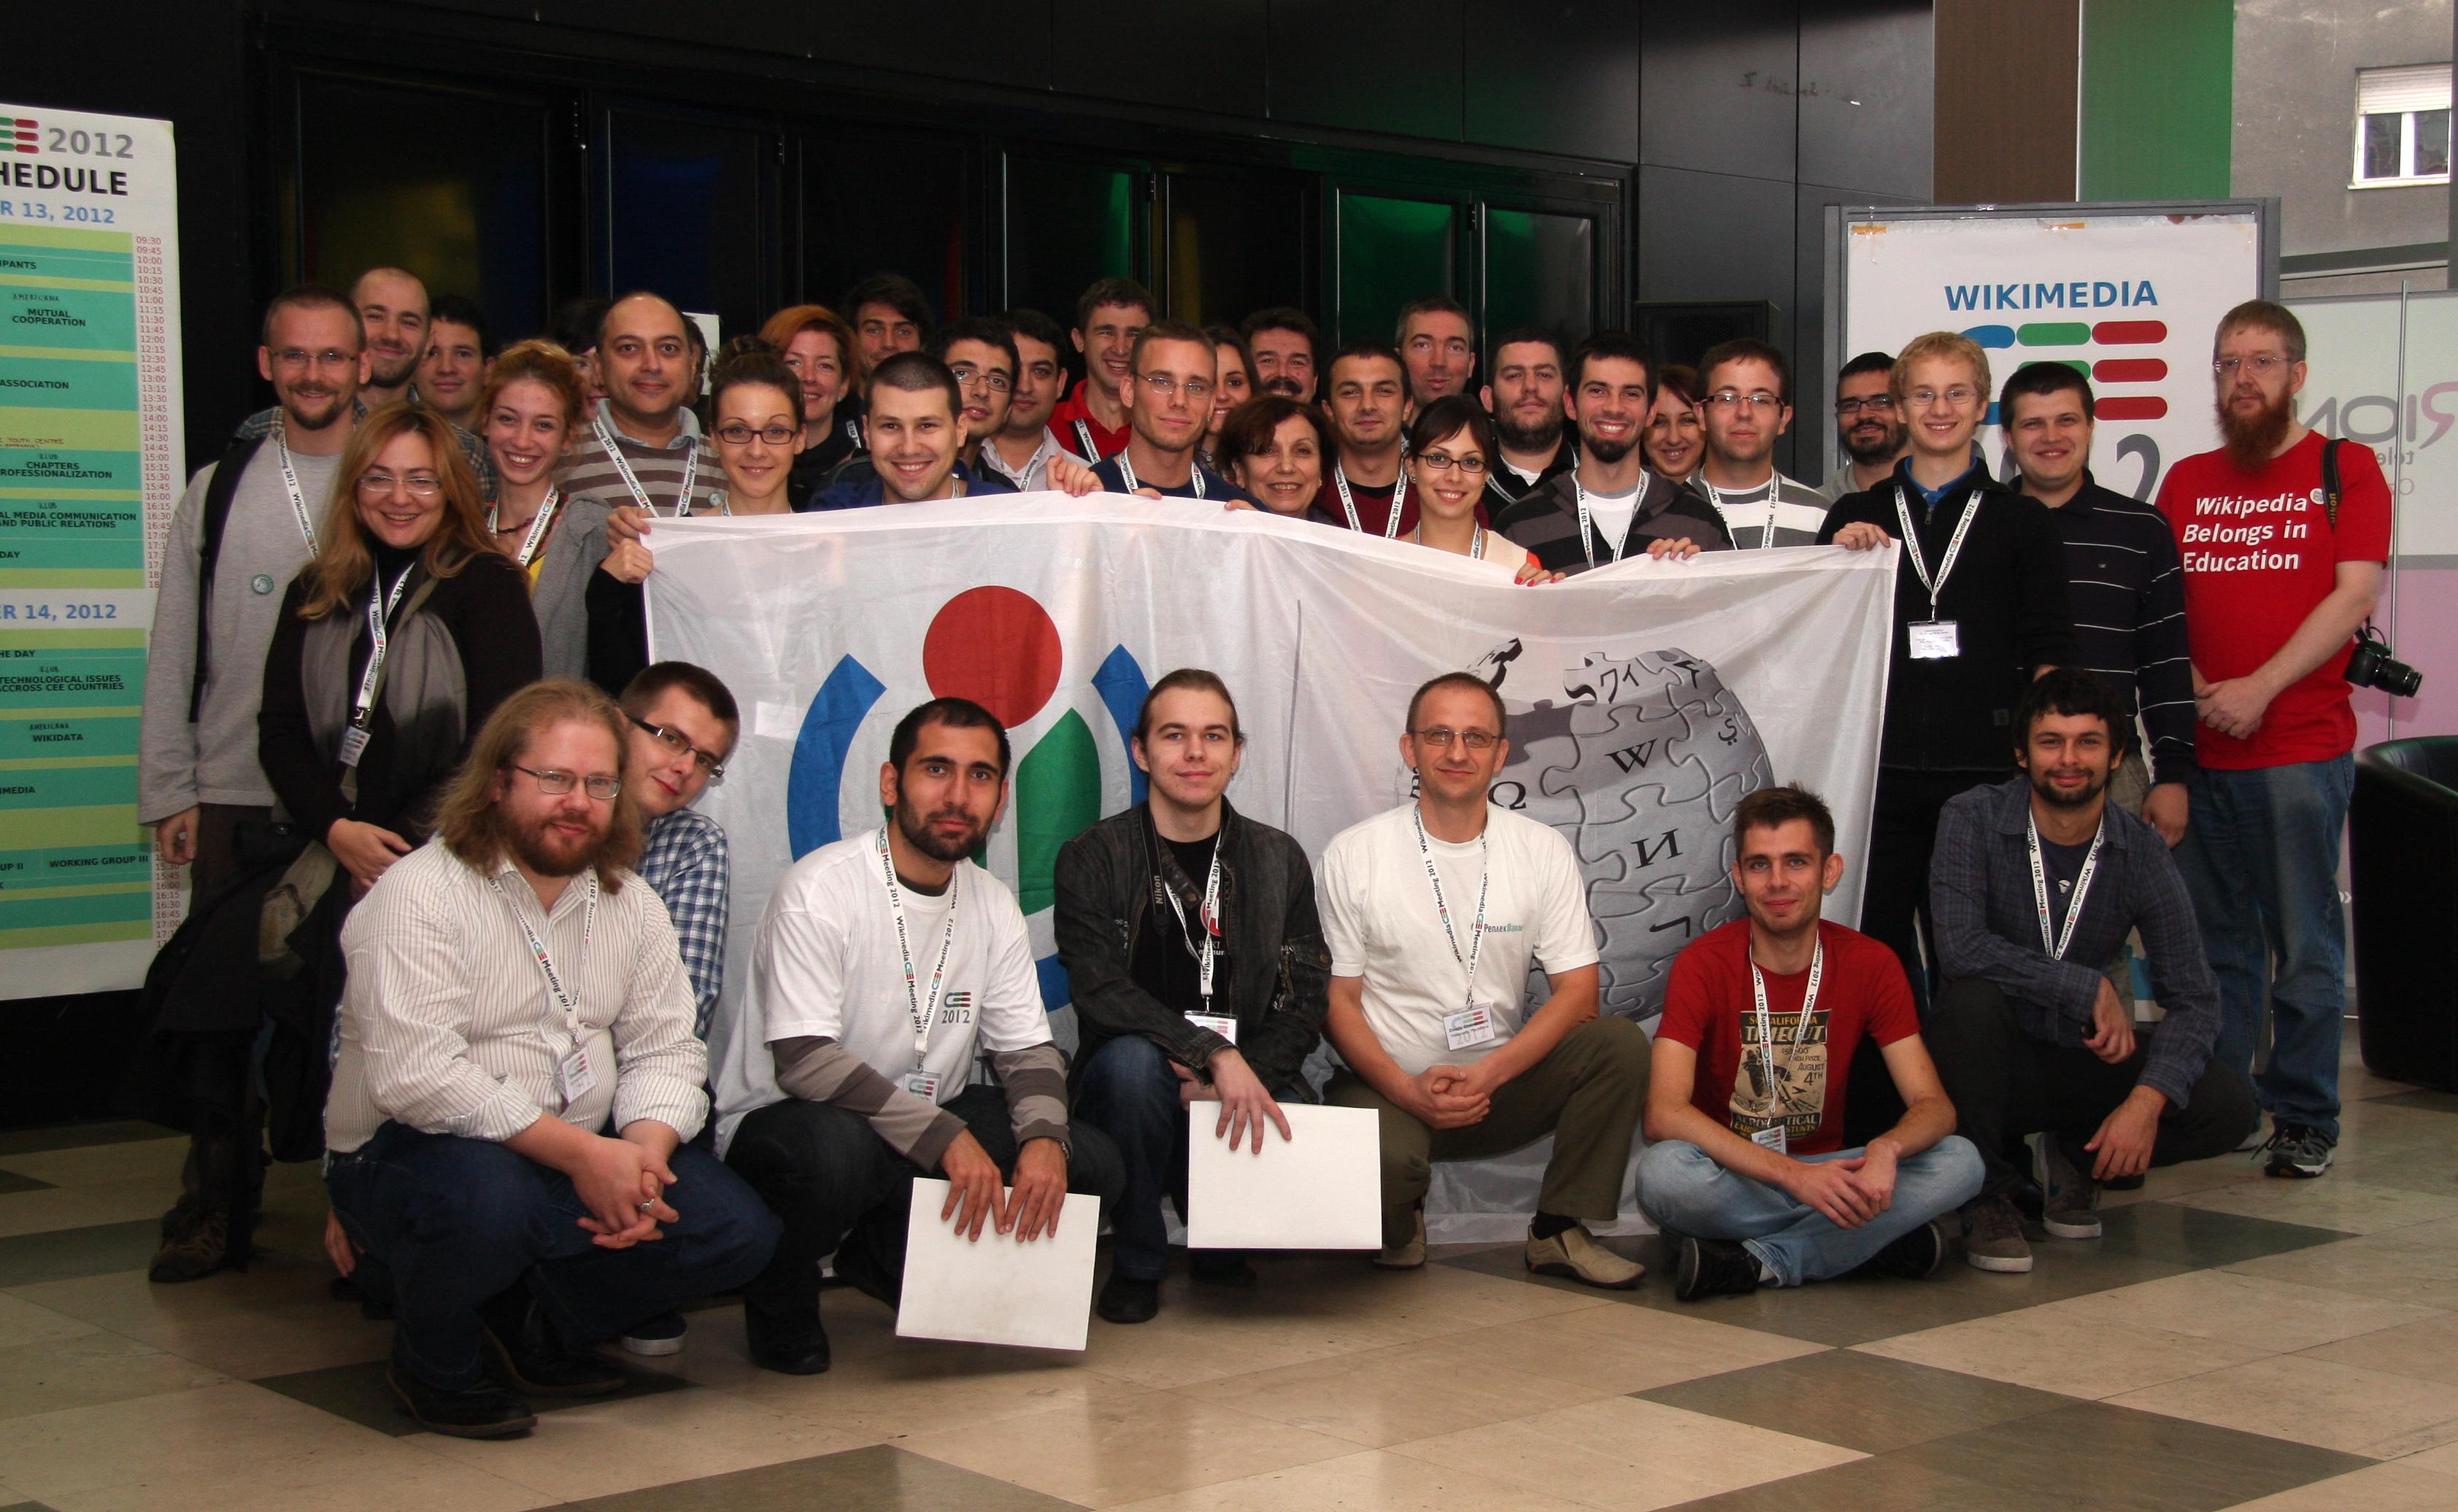 Účastníci 1. setkání Wikimedianů ze střední a východní Evropy